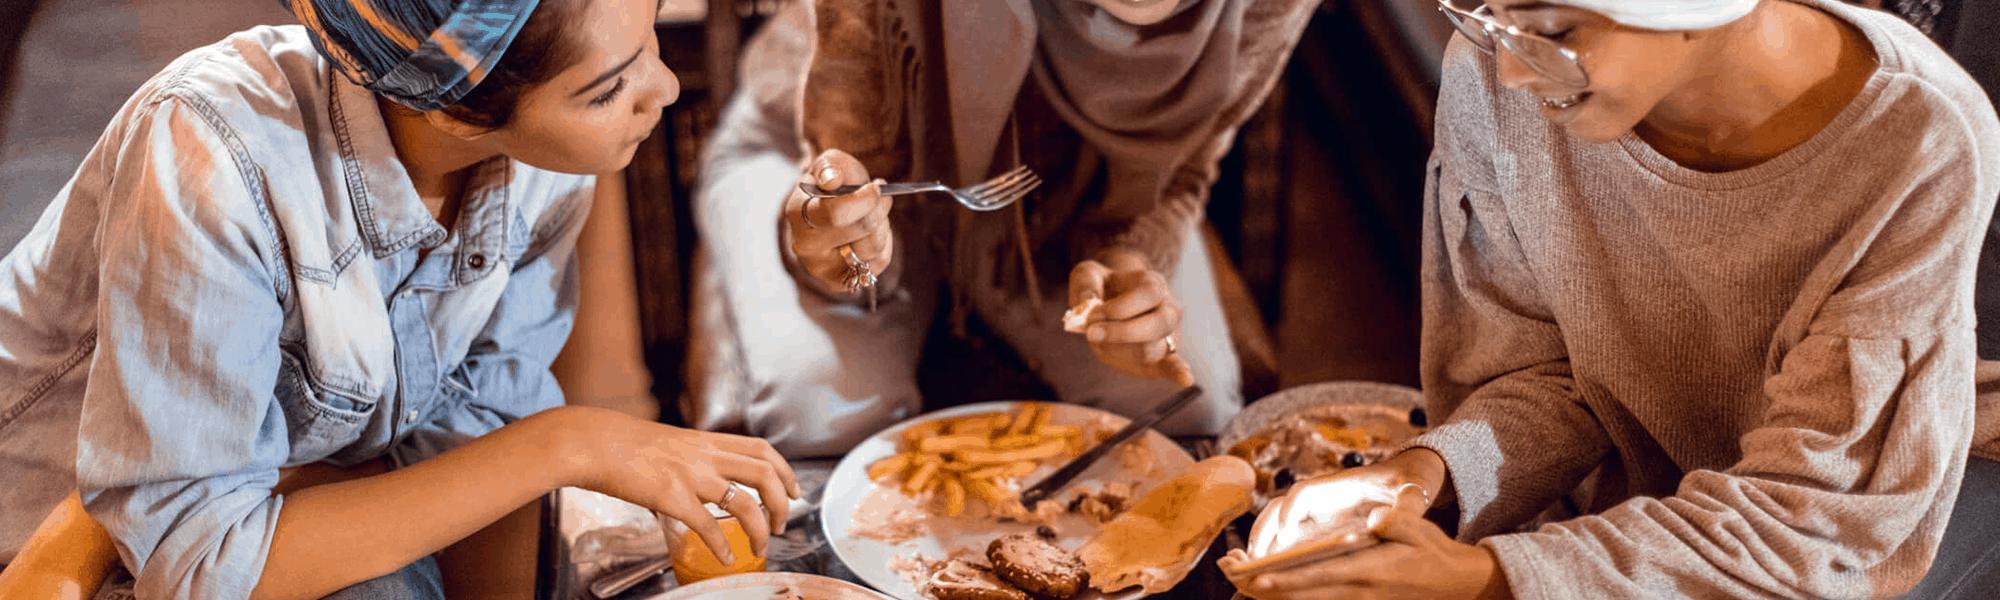 Essen in Ägypten – entdecke die kulinarischen Spezialitäten